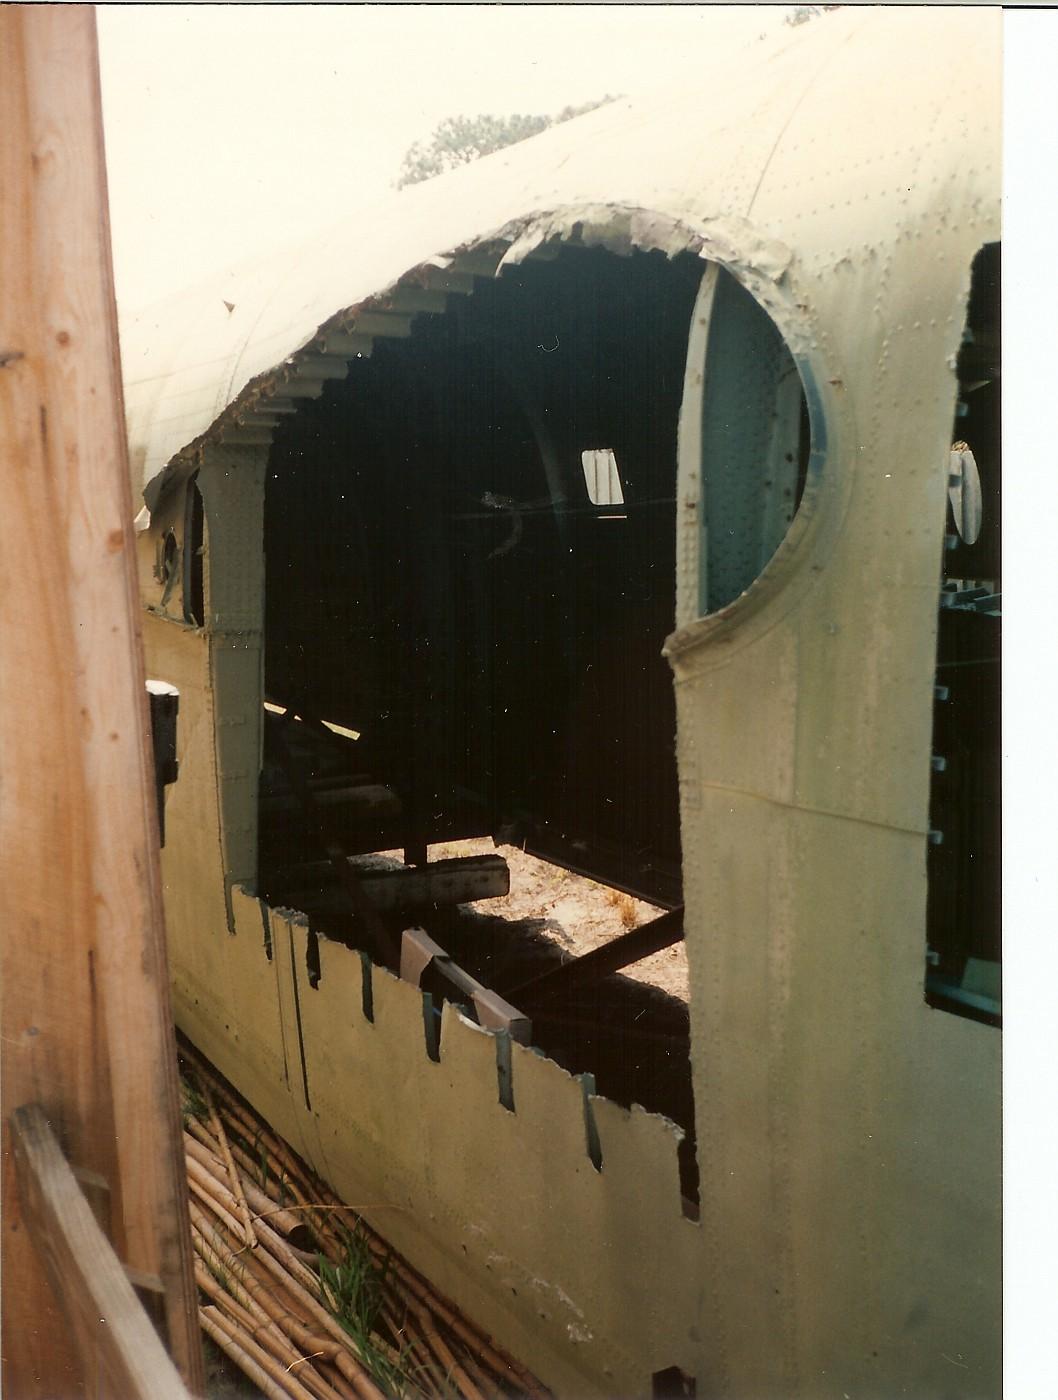 PB4Y-2 Privateer BuNo 59932 N9829C Kissimmee FL 8 1993